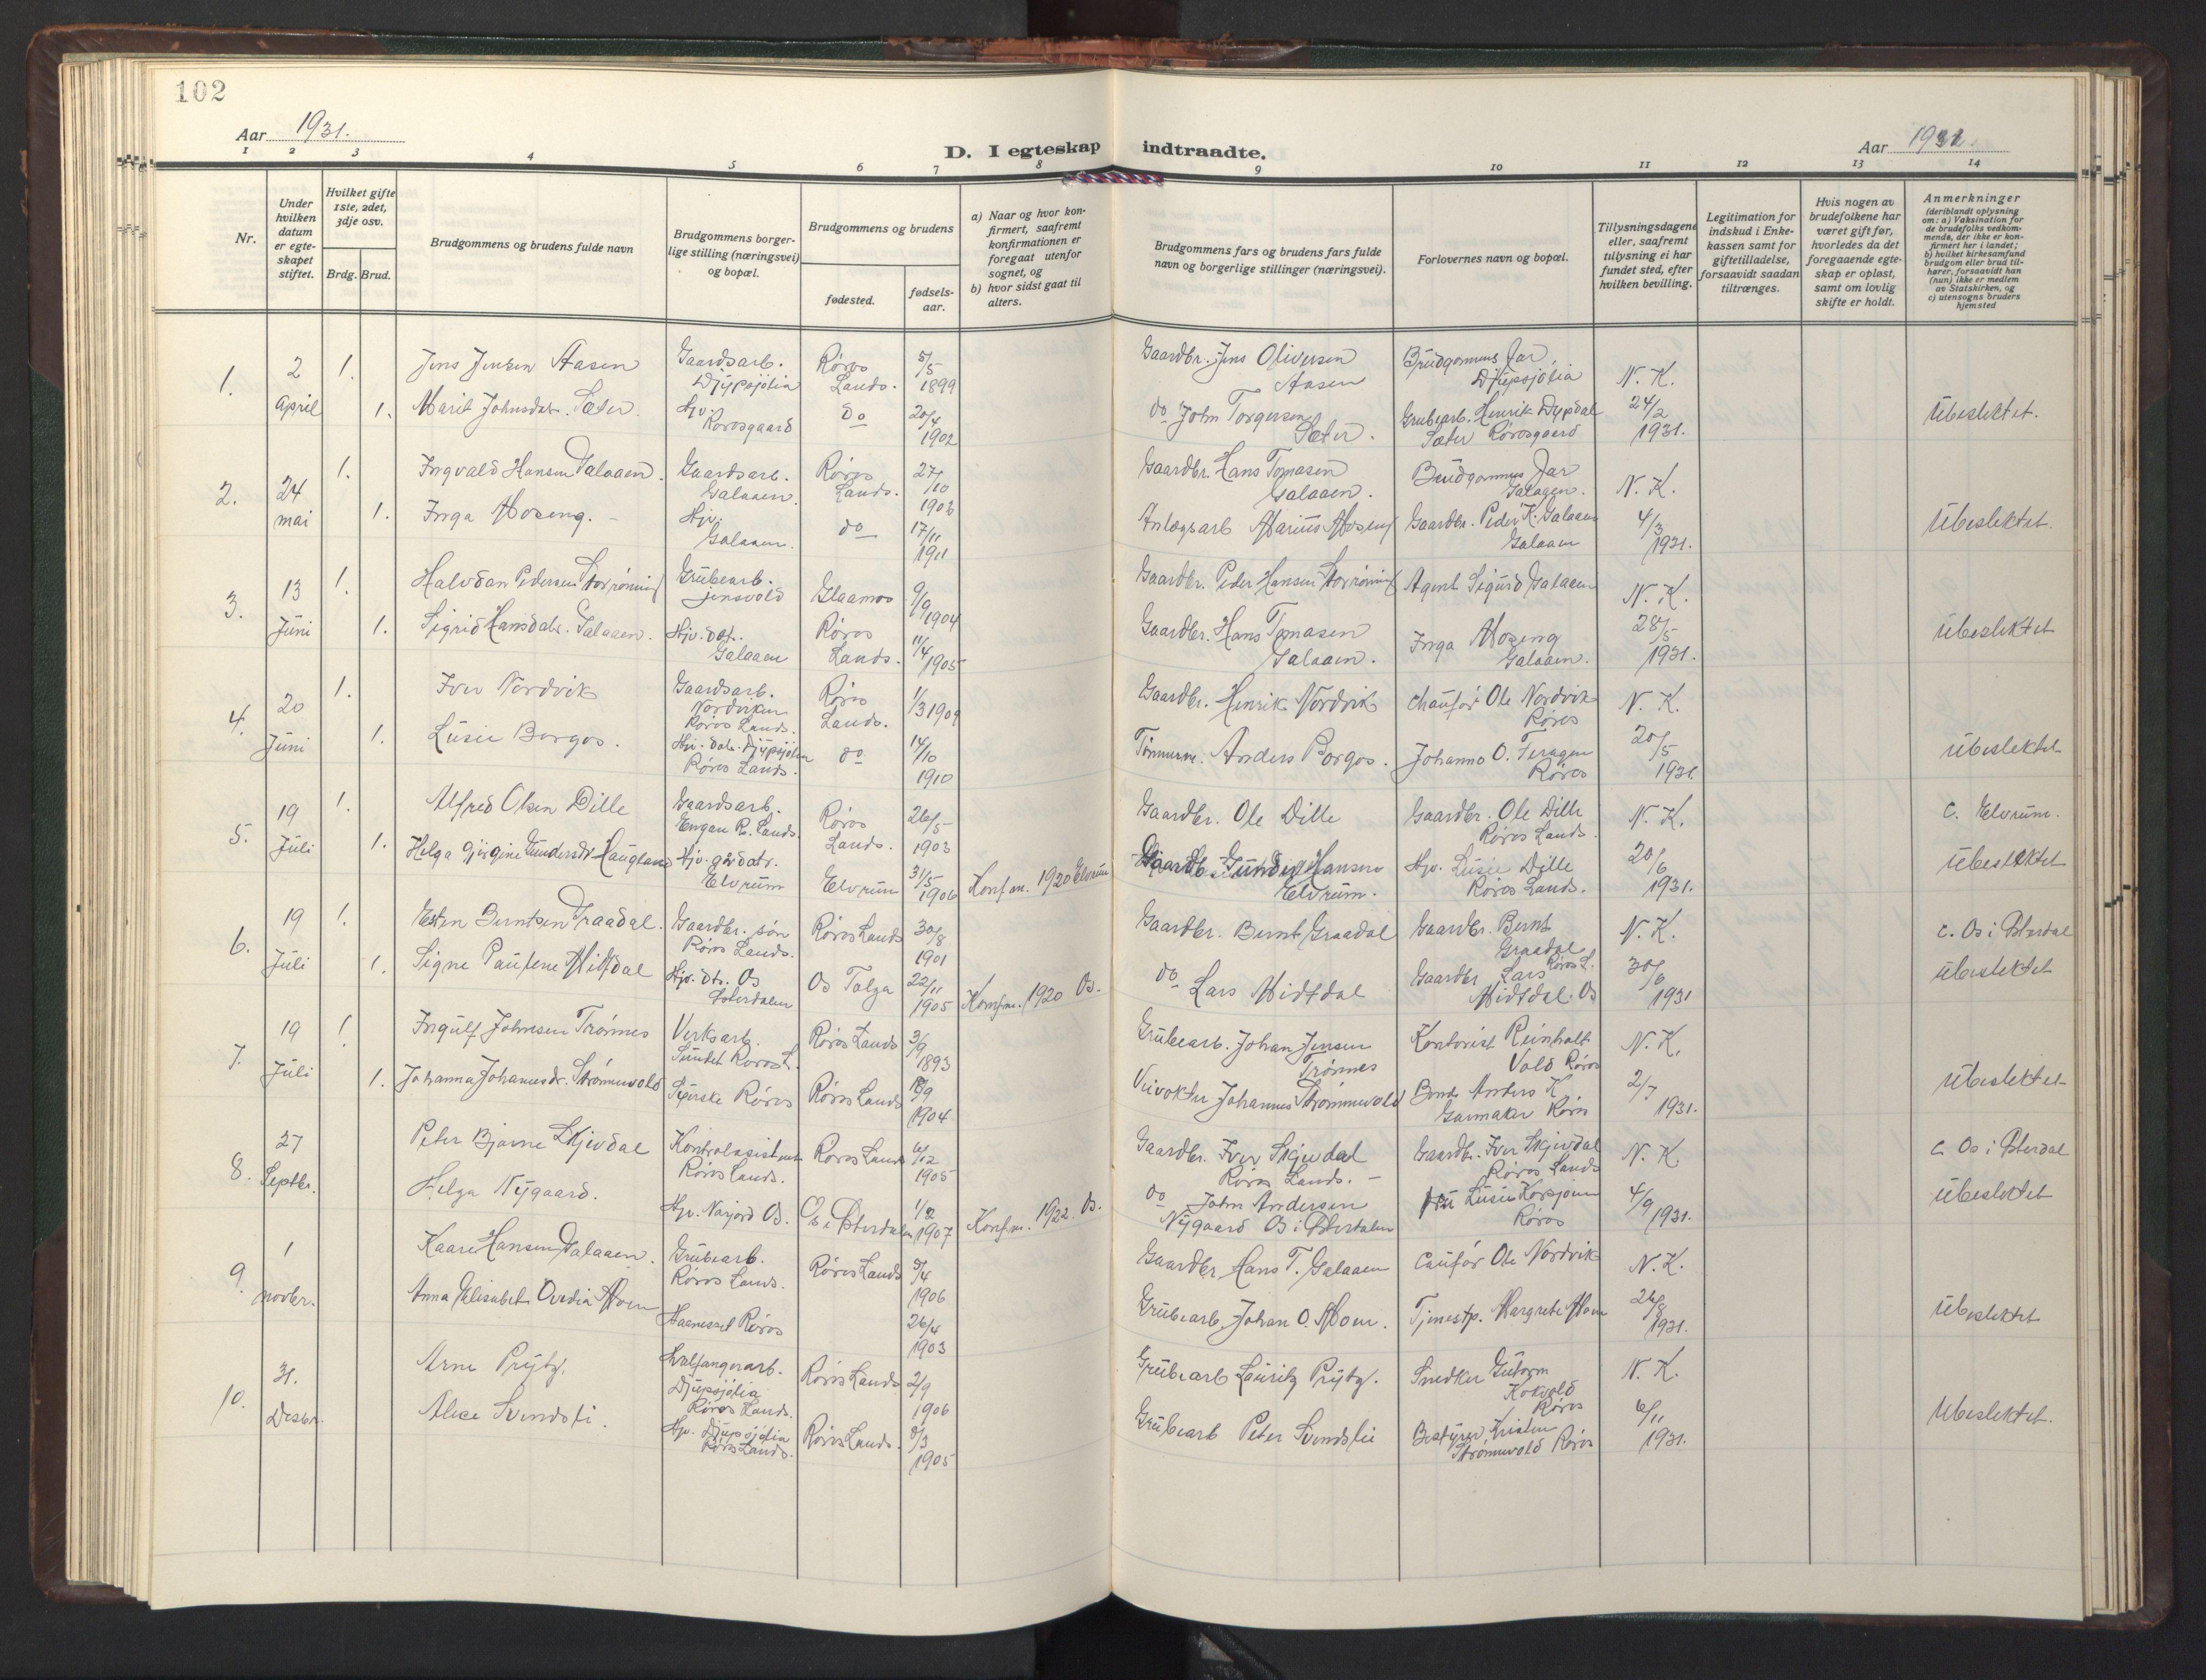 SAT, Ministerialprotokoller, klokkerbøker og fødselsregistre - Sør-Trøndelag, 681/L0944: Klokkerbok nr. 681C08, 1926-1954, s. 102